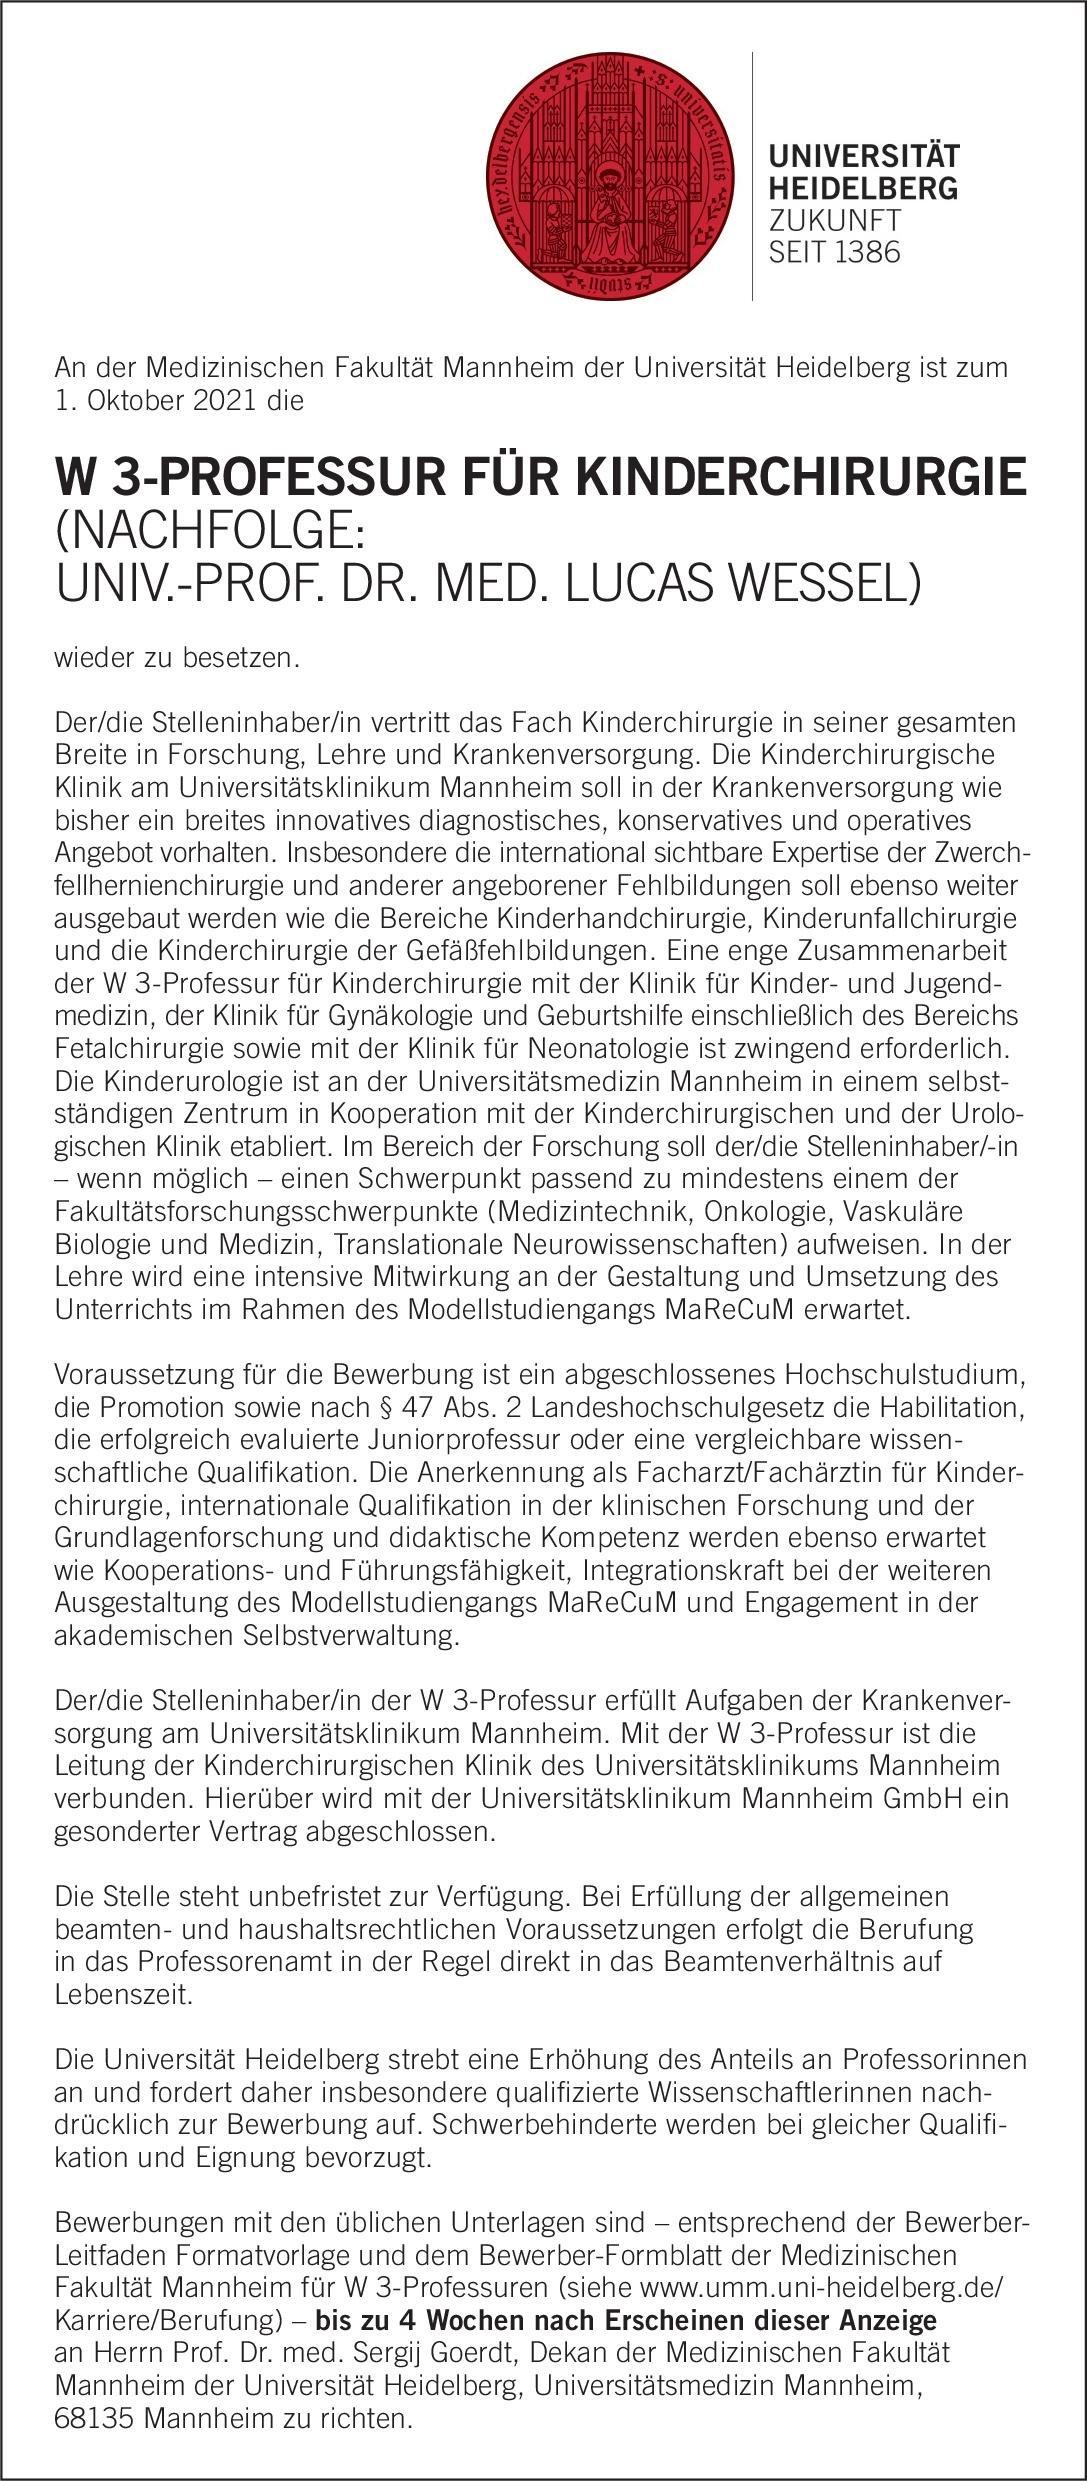 Universität Heidelberg W 3-Professur für Kinderchirurgie  Kinderchirurgie, Chirurgie Professor